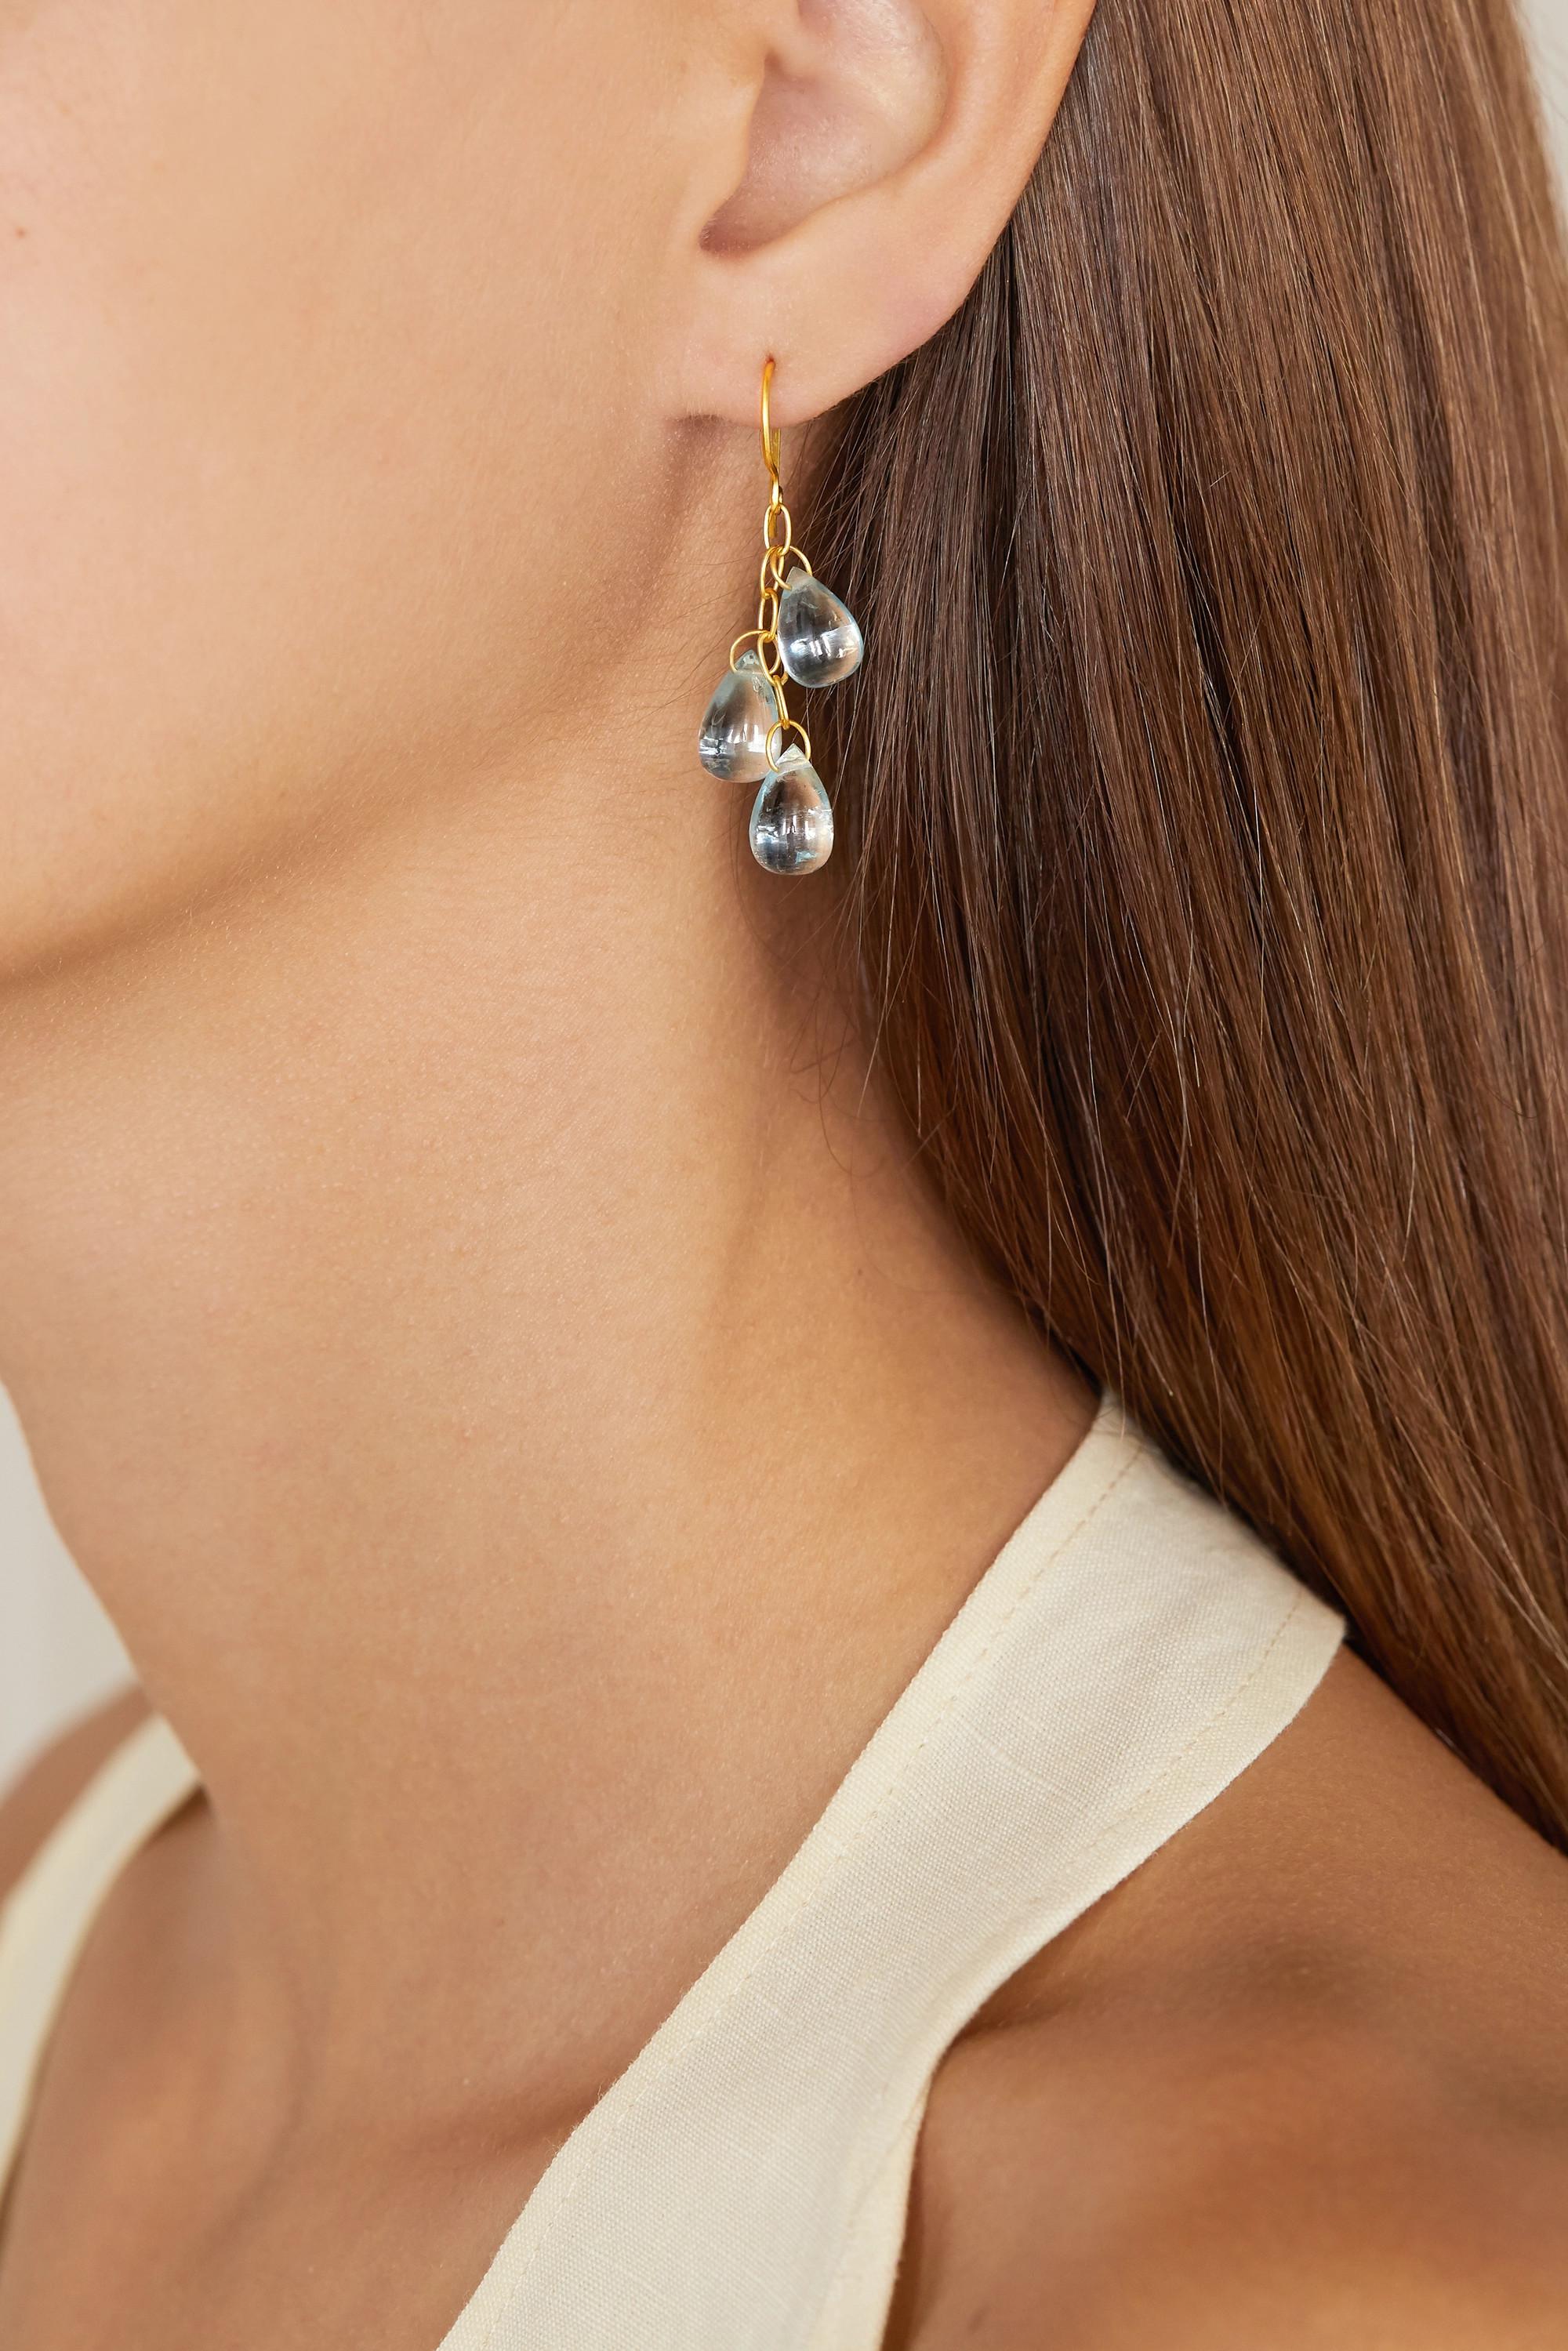 Pippa Small 18K 黄金海蓝宝石耳环